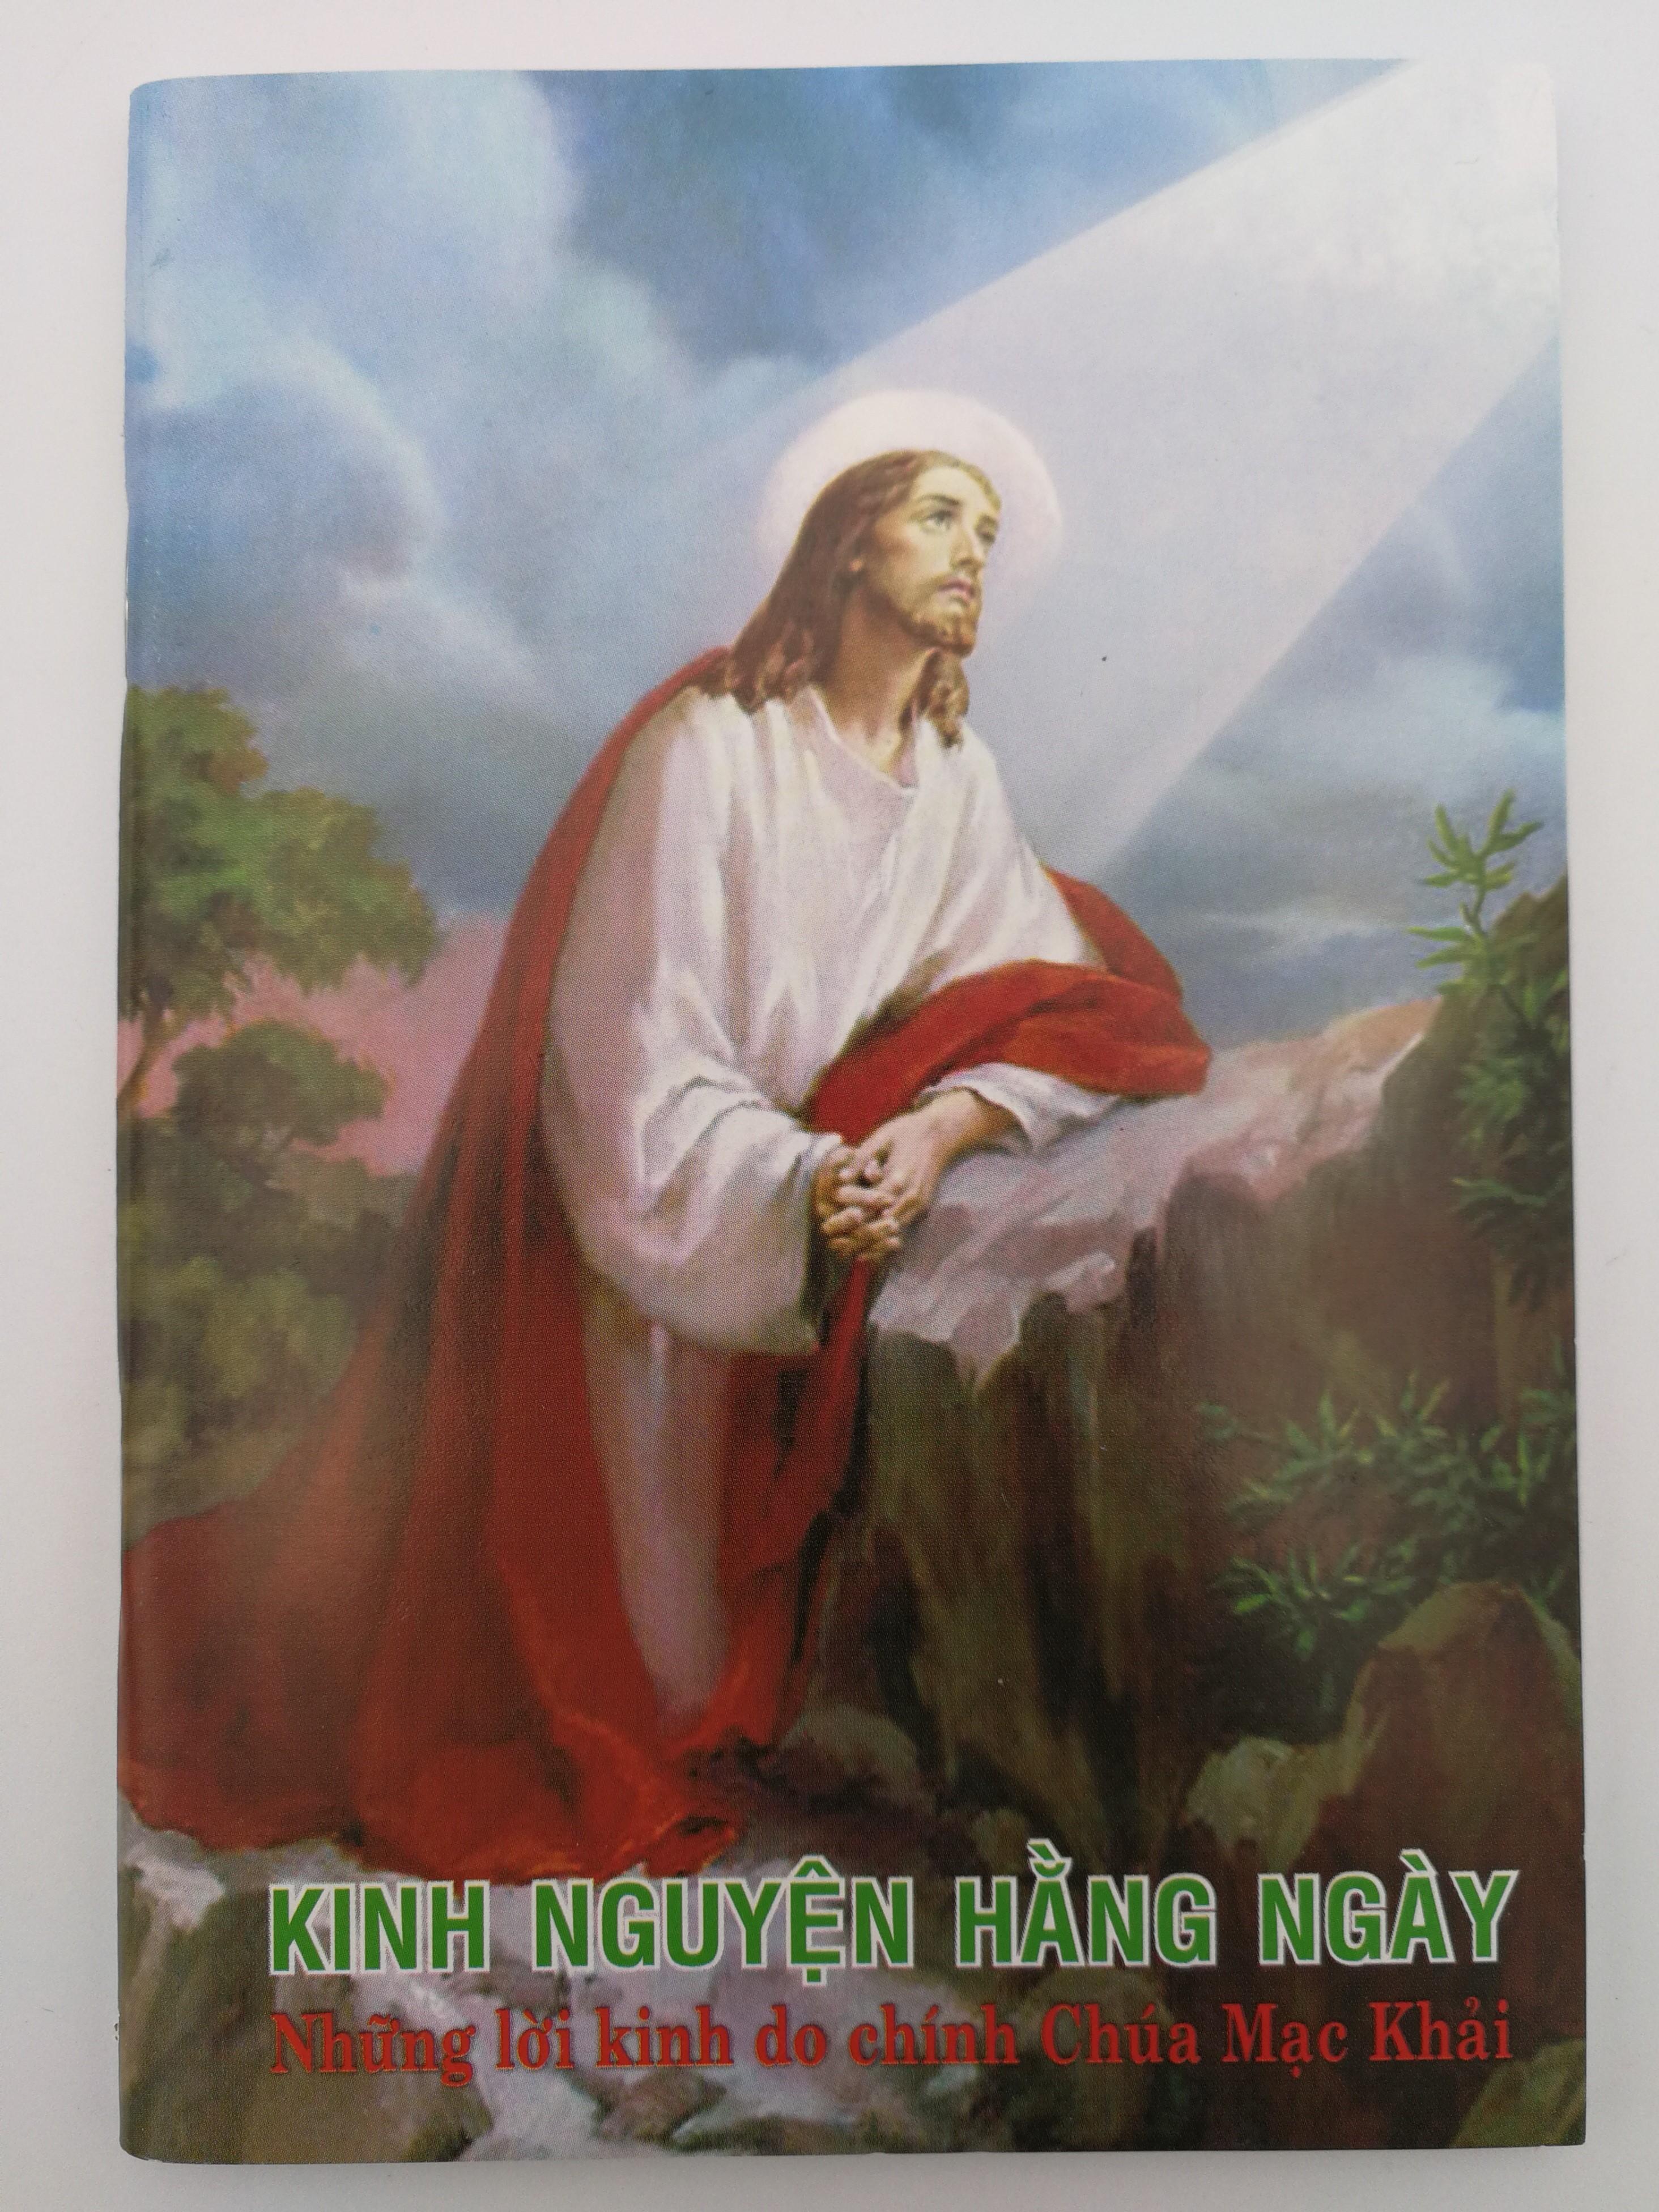 vietnamese-language-roman-catholic-prayer-book-daily-prayers-1.jpg